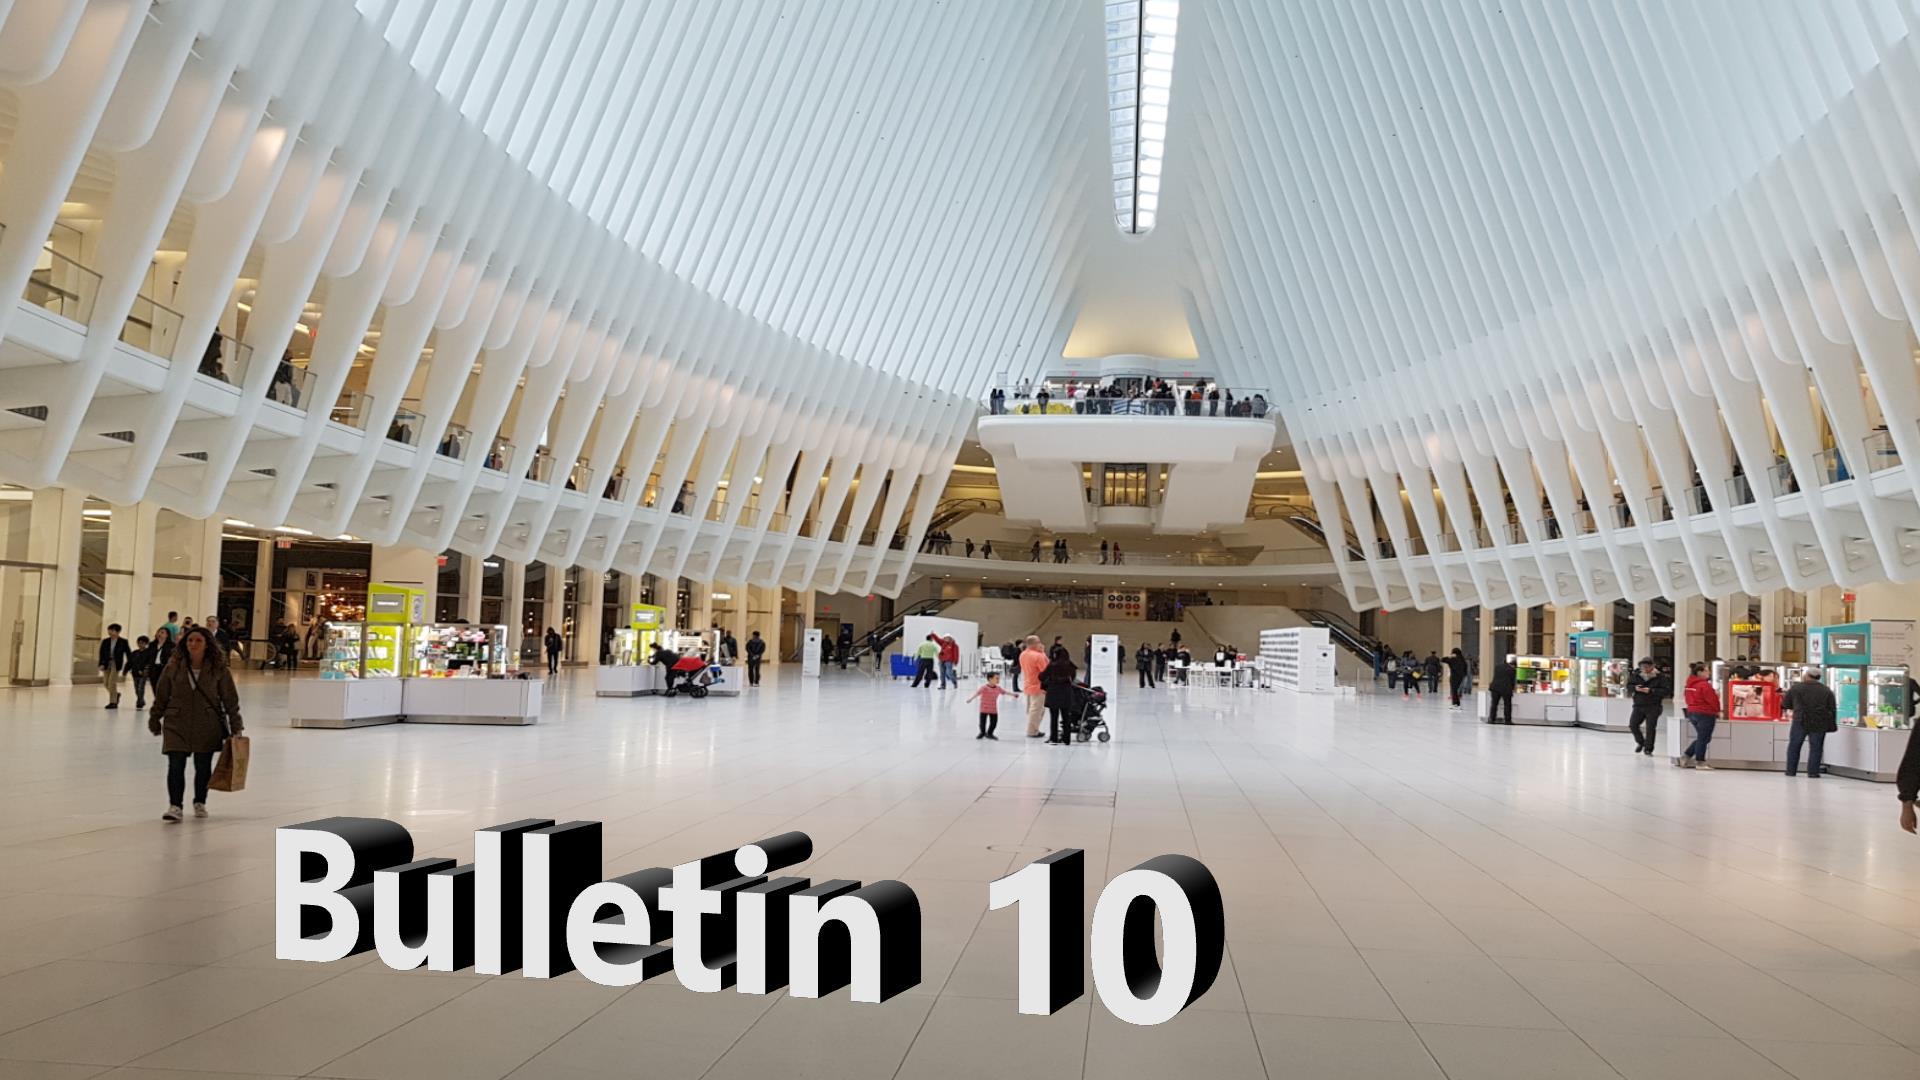 Bulletin 10, May 30